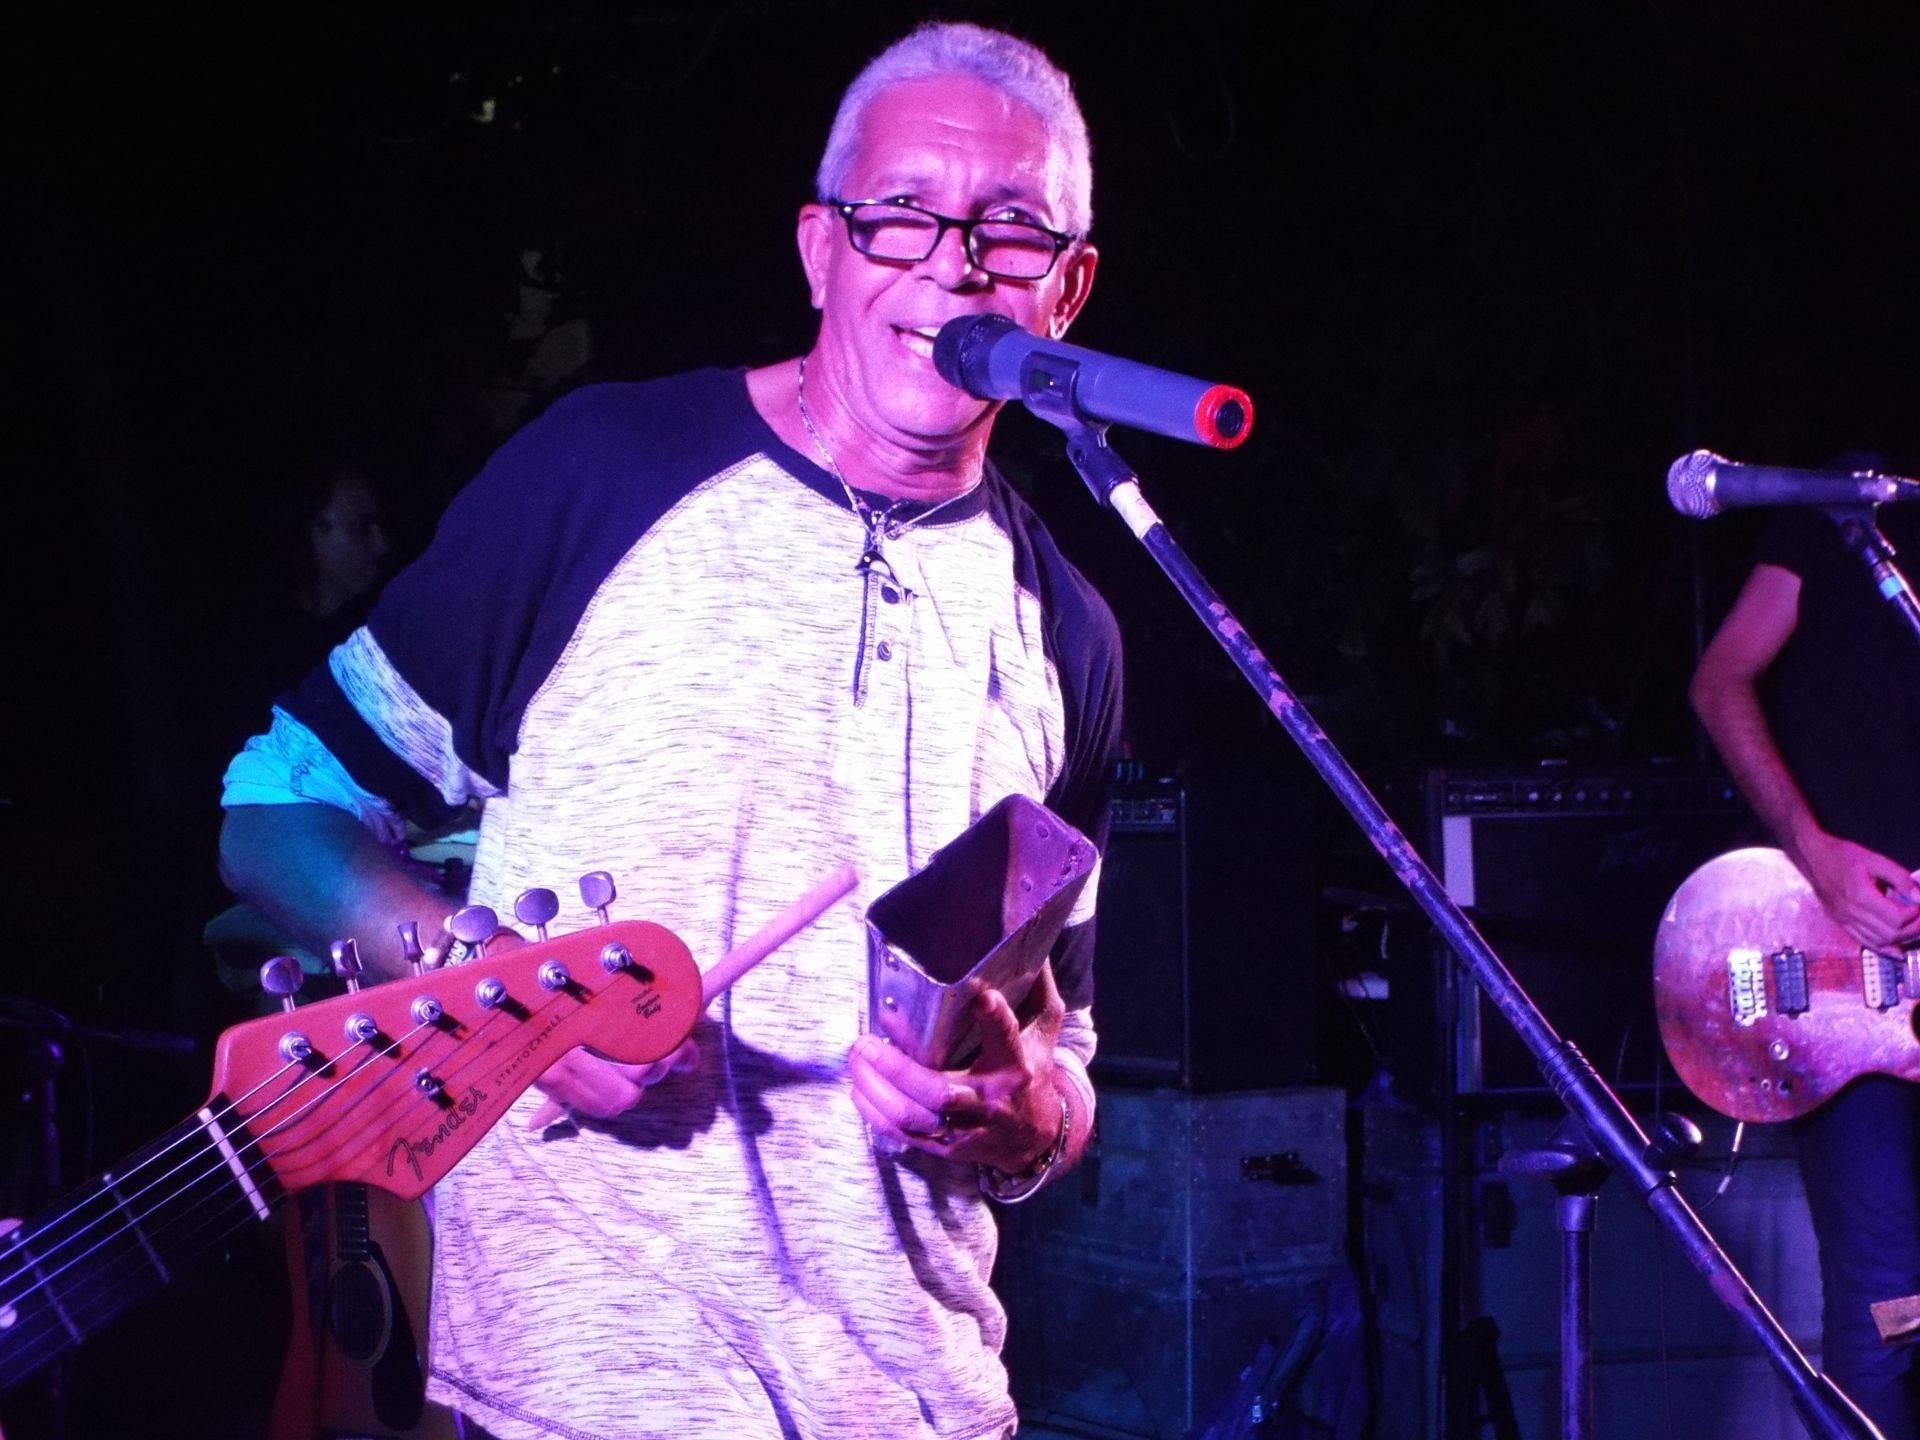 """Virgilio Torres, vocalista de Vieja Escuela: """" Mi madurez como músico fue la banda Seres Indomables en el año 1977, que tocaban covers de Rare Earth. Luego pasé por otras bandas como Sputnik, FM, Los Takson y OVNI. Luego estuve u tiempo sin cantar hasta que Sociedad Habana Blues me llamó para trabajar con ellos, ese fue el germen de Vieja Escuela""""."""